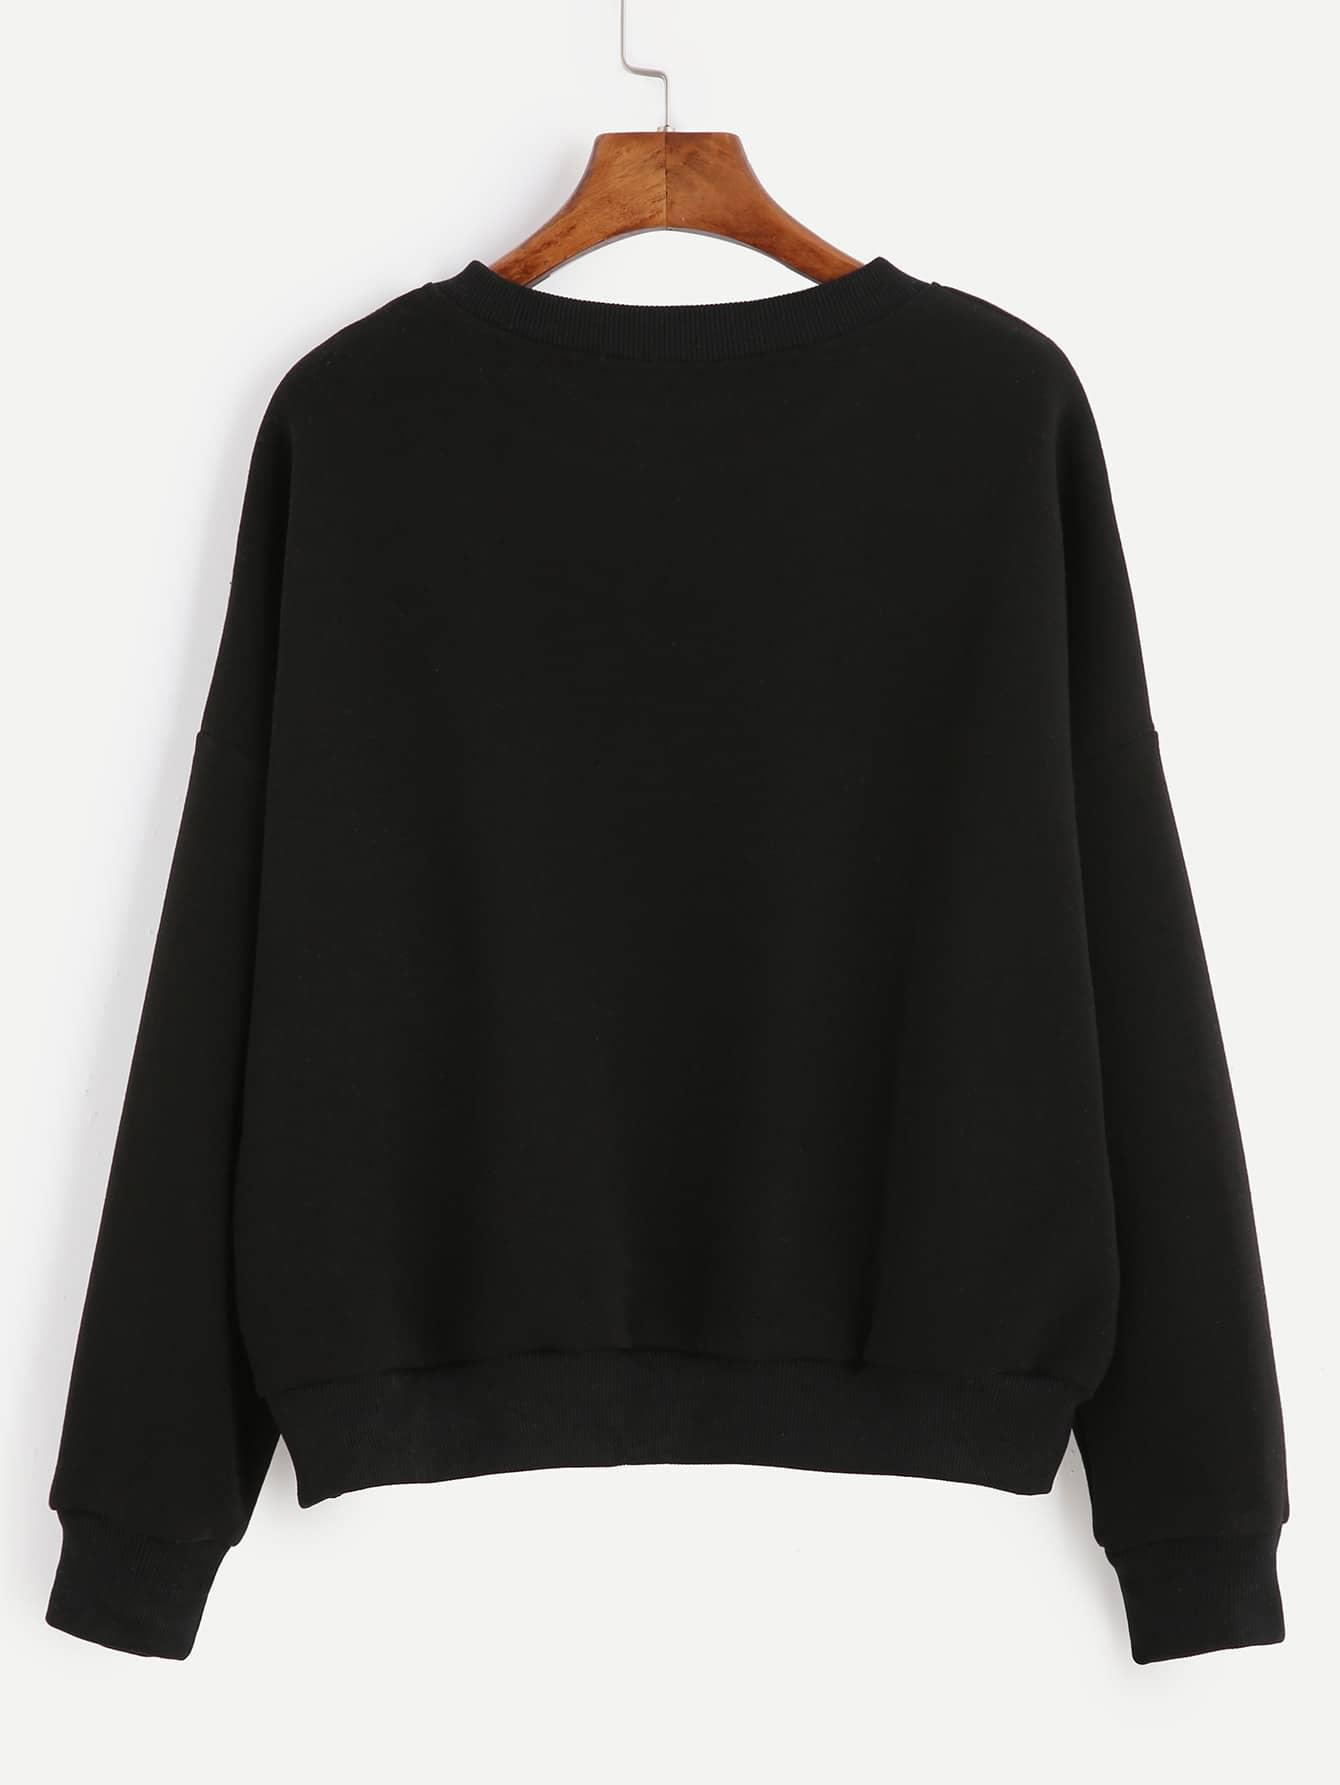 sweatshirt161121106_2